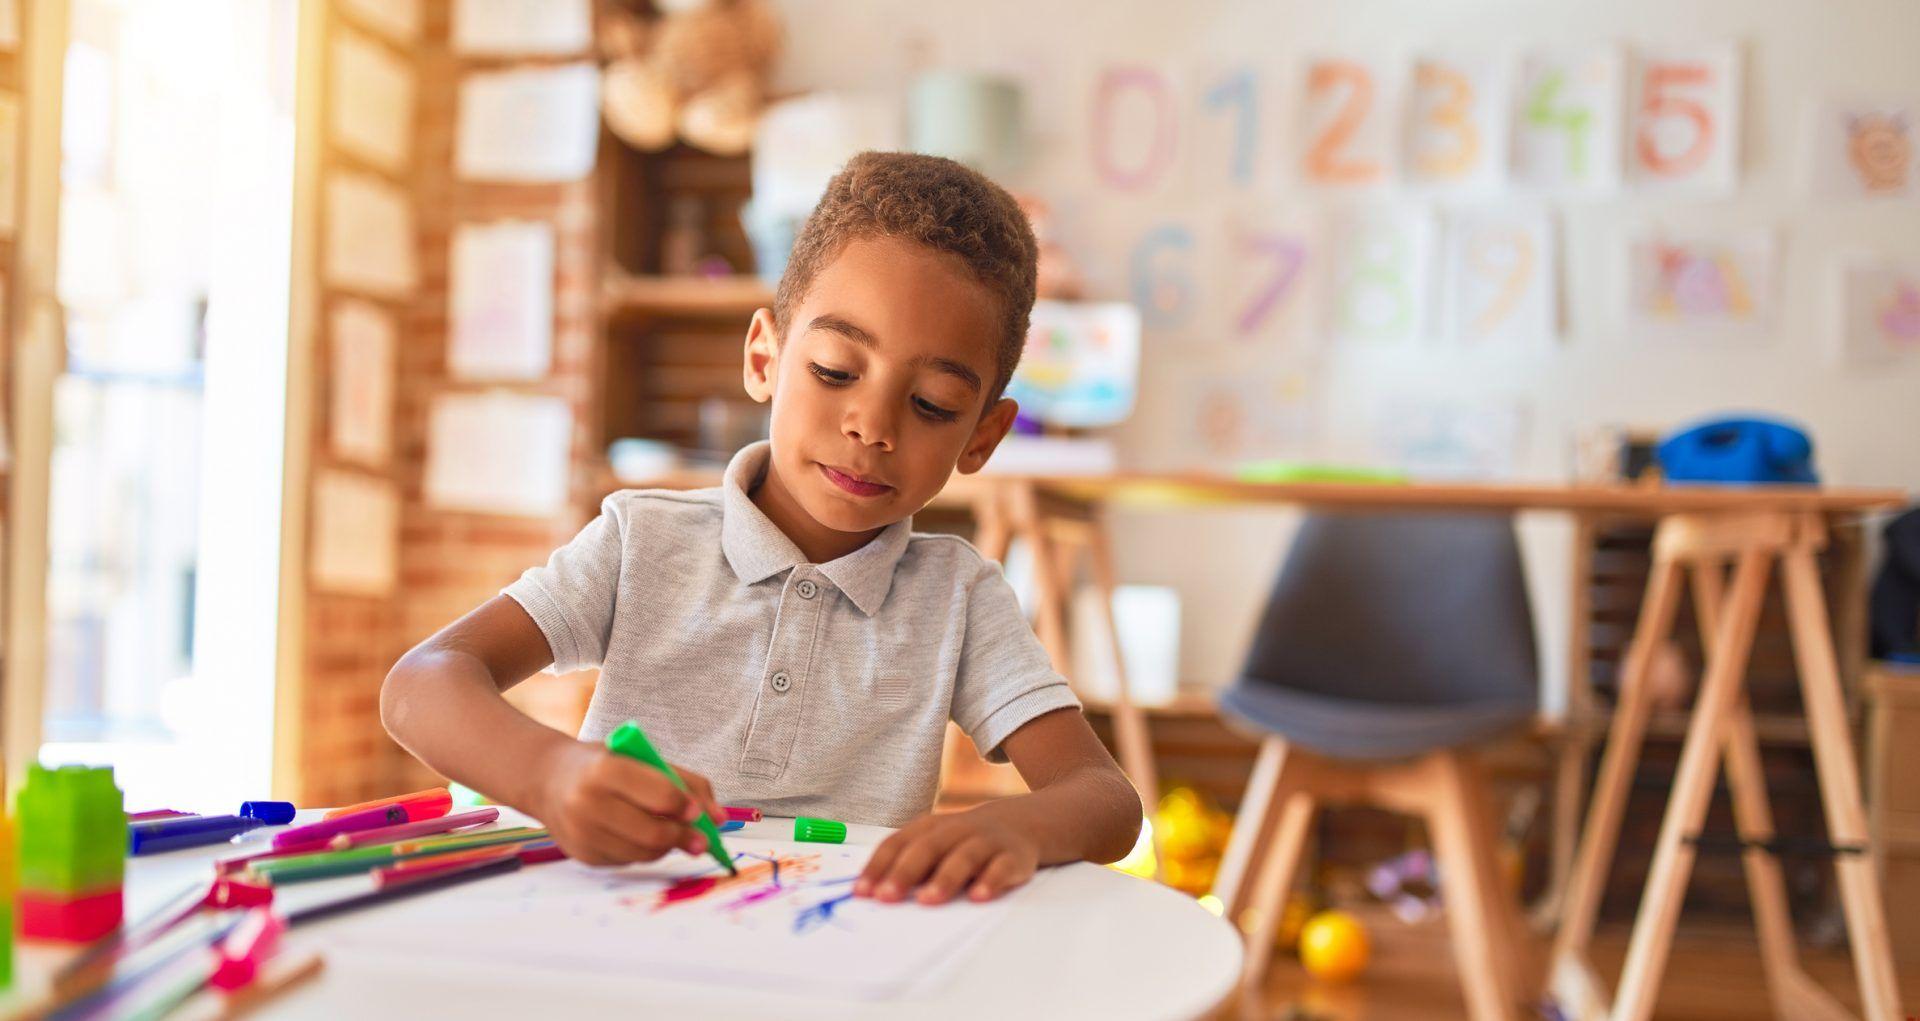 ¿Cómo funcionan los 'juegos psicológicos' para niños?